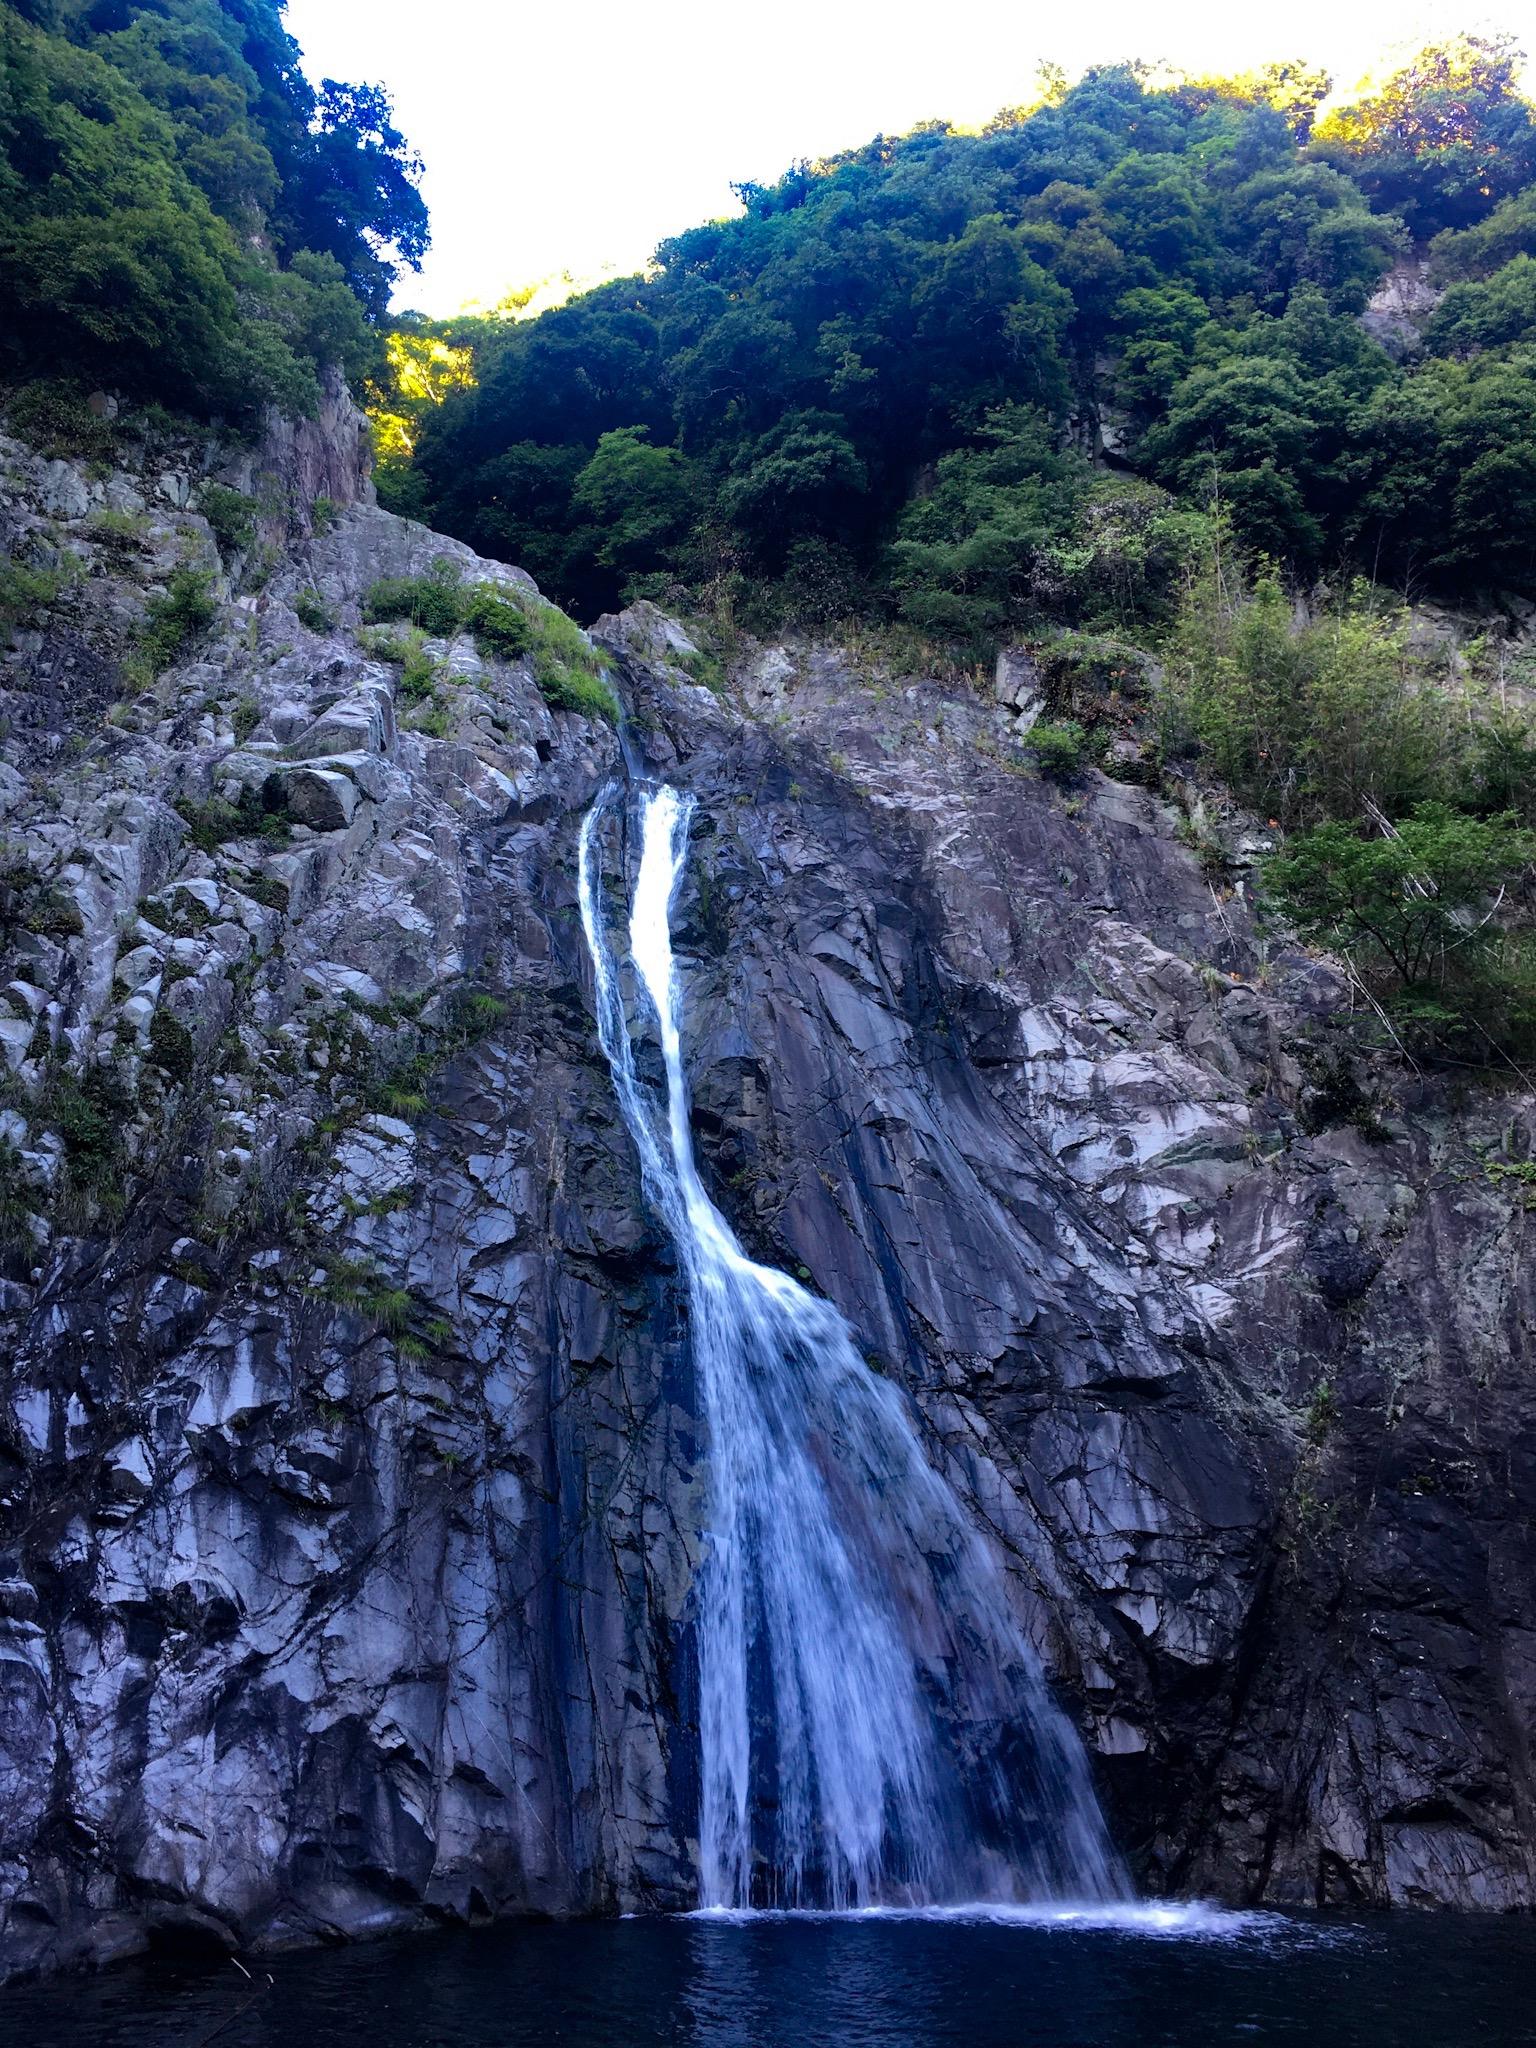 大阪府、兵庫県おススメドライブスポット(布引の滝)のアイキャッチ画像